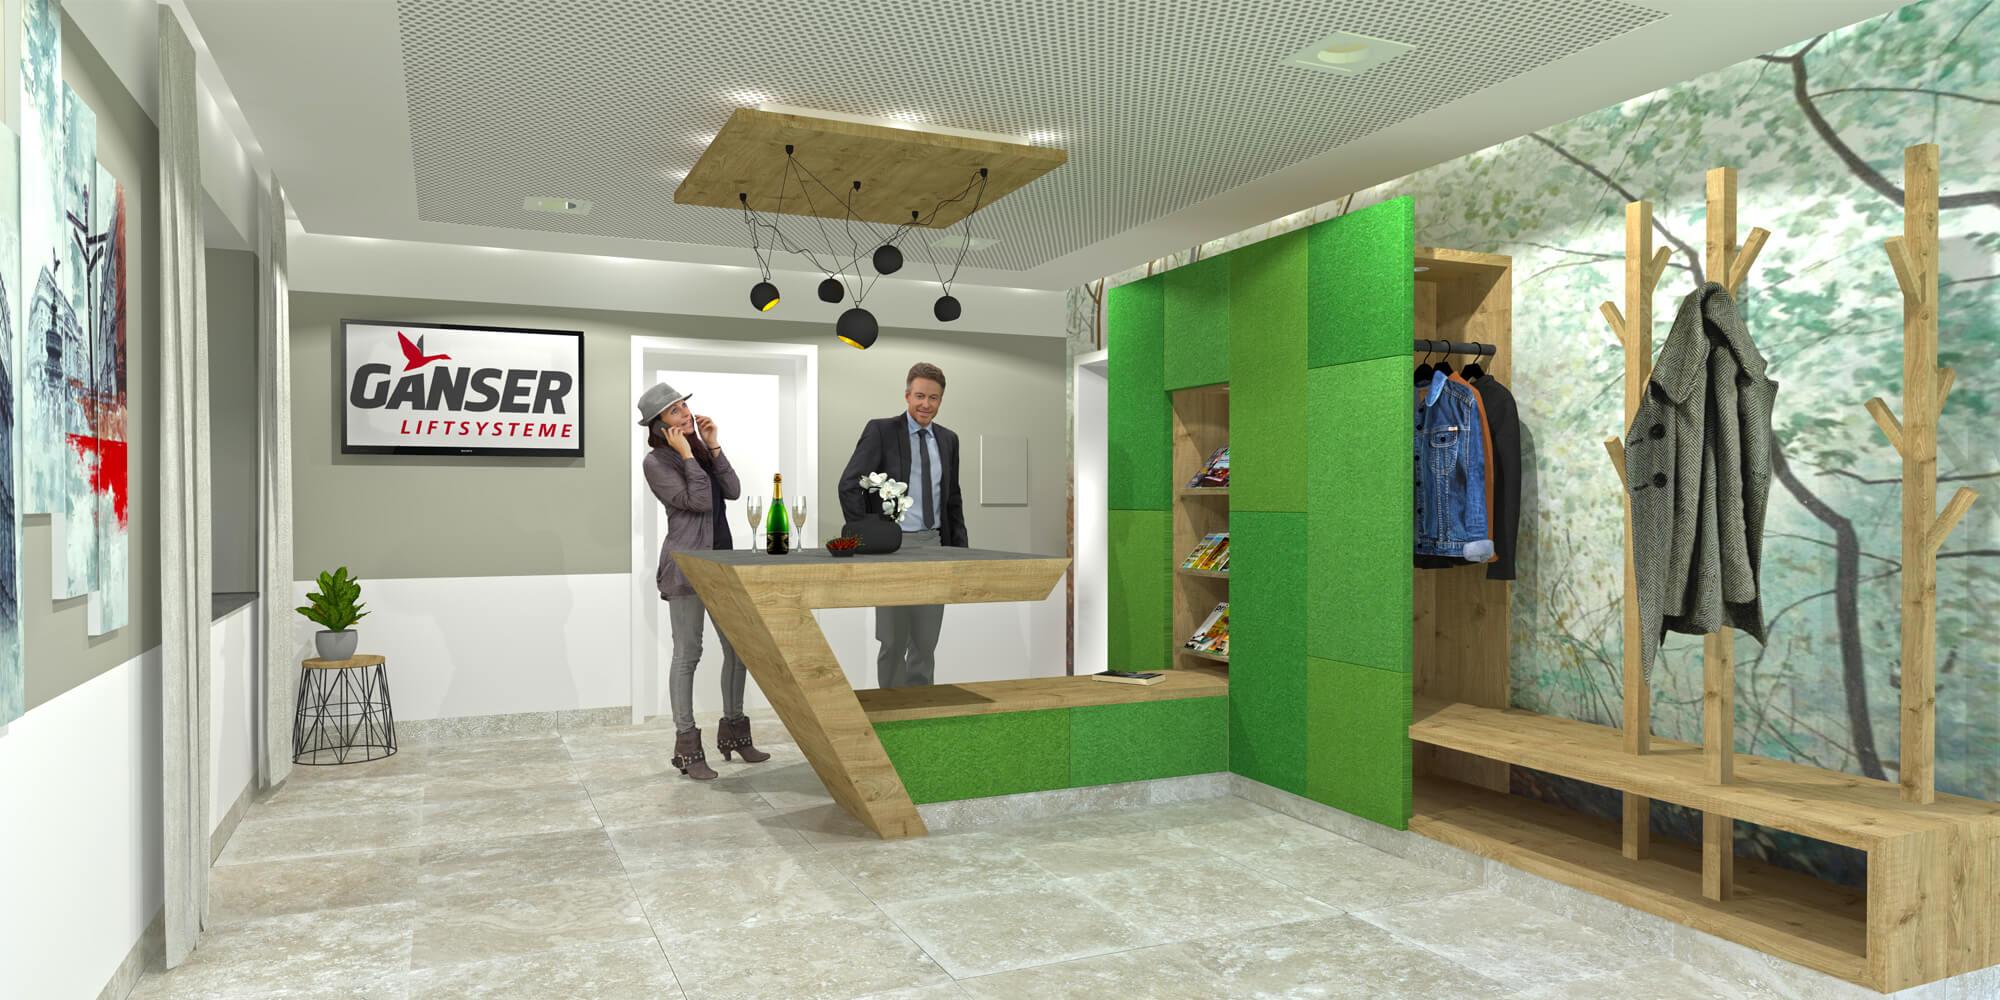 Cre-Plan-Design-Rauch-Frühmann-Architektur-Innenarchitektur-Design-Projekt-Referenz-Innenarchitektur-Möbeldesign-Einrichtung-Firma-Ganser-Seminarraum-6